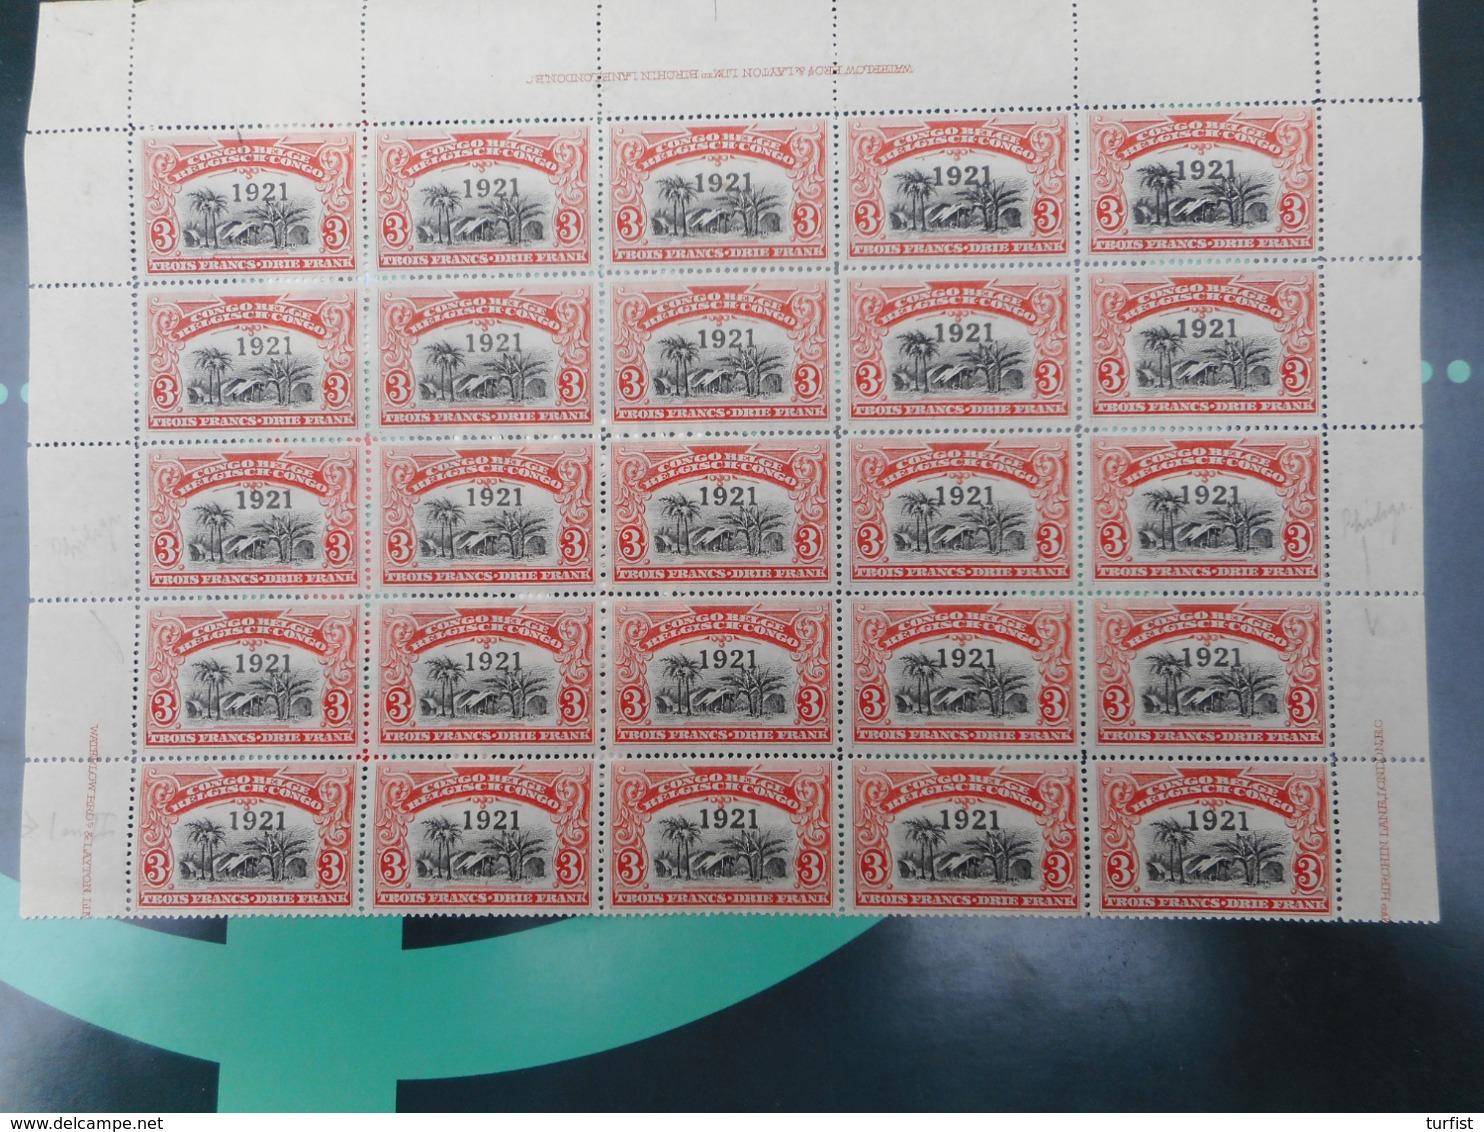 Belgisch Congo Vel Van 20 Zegels Nr 92** Postfris Plus 5 Zegels Nr 92CU Met WATERMERK (eenband Van 5 Zegels) - Belgisch-Kongo